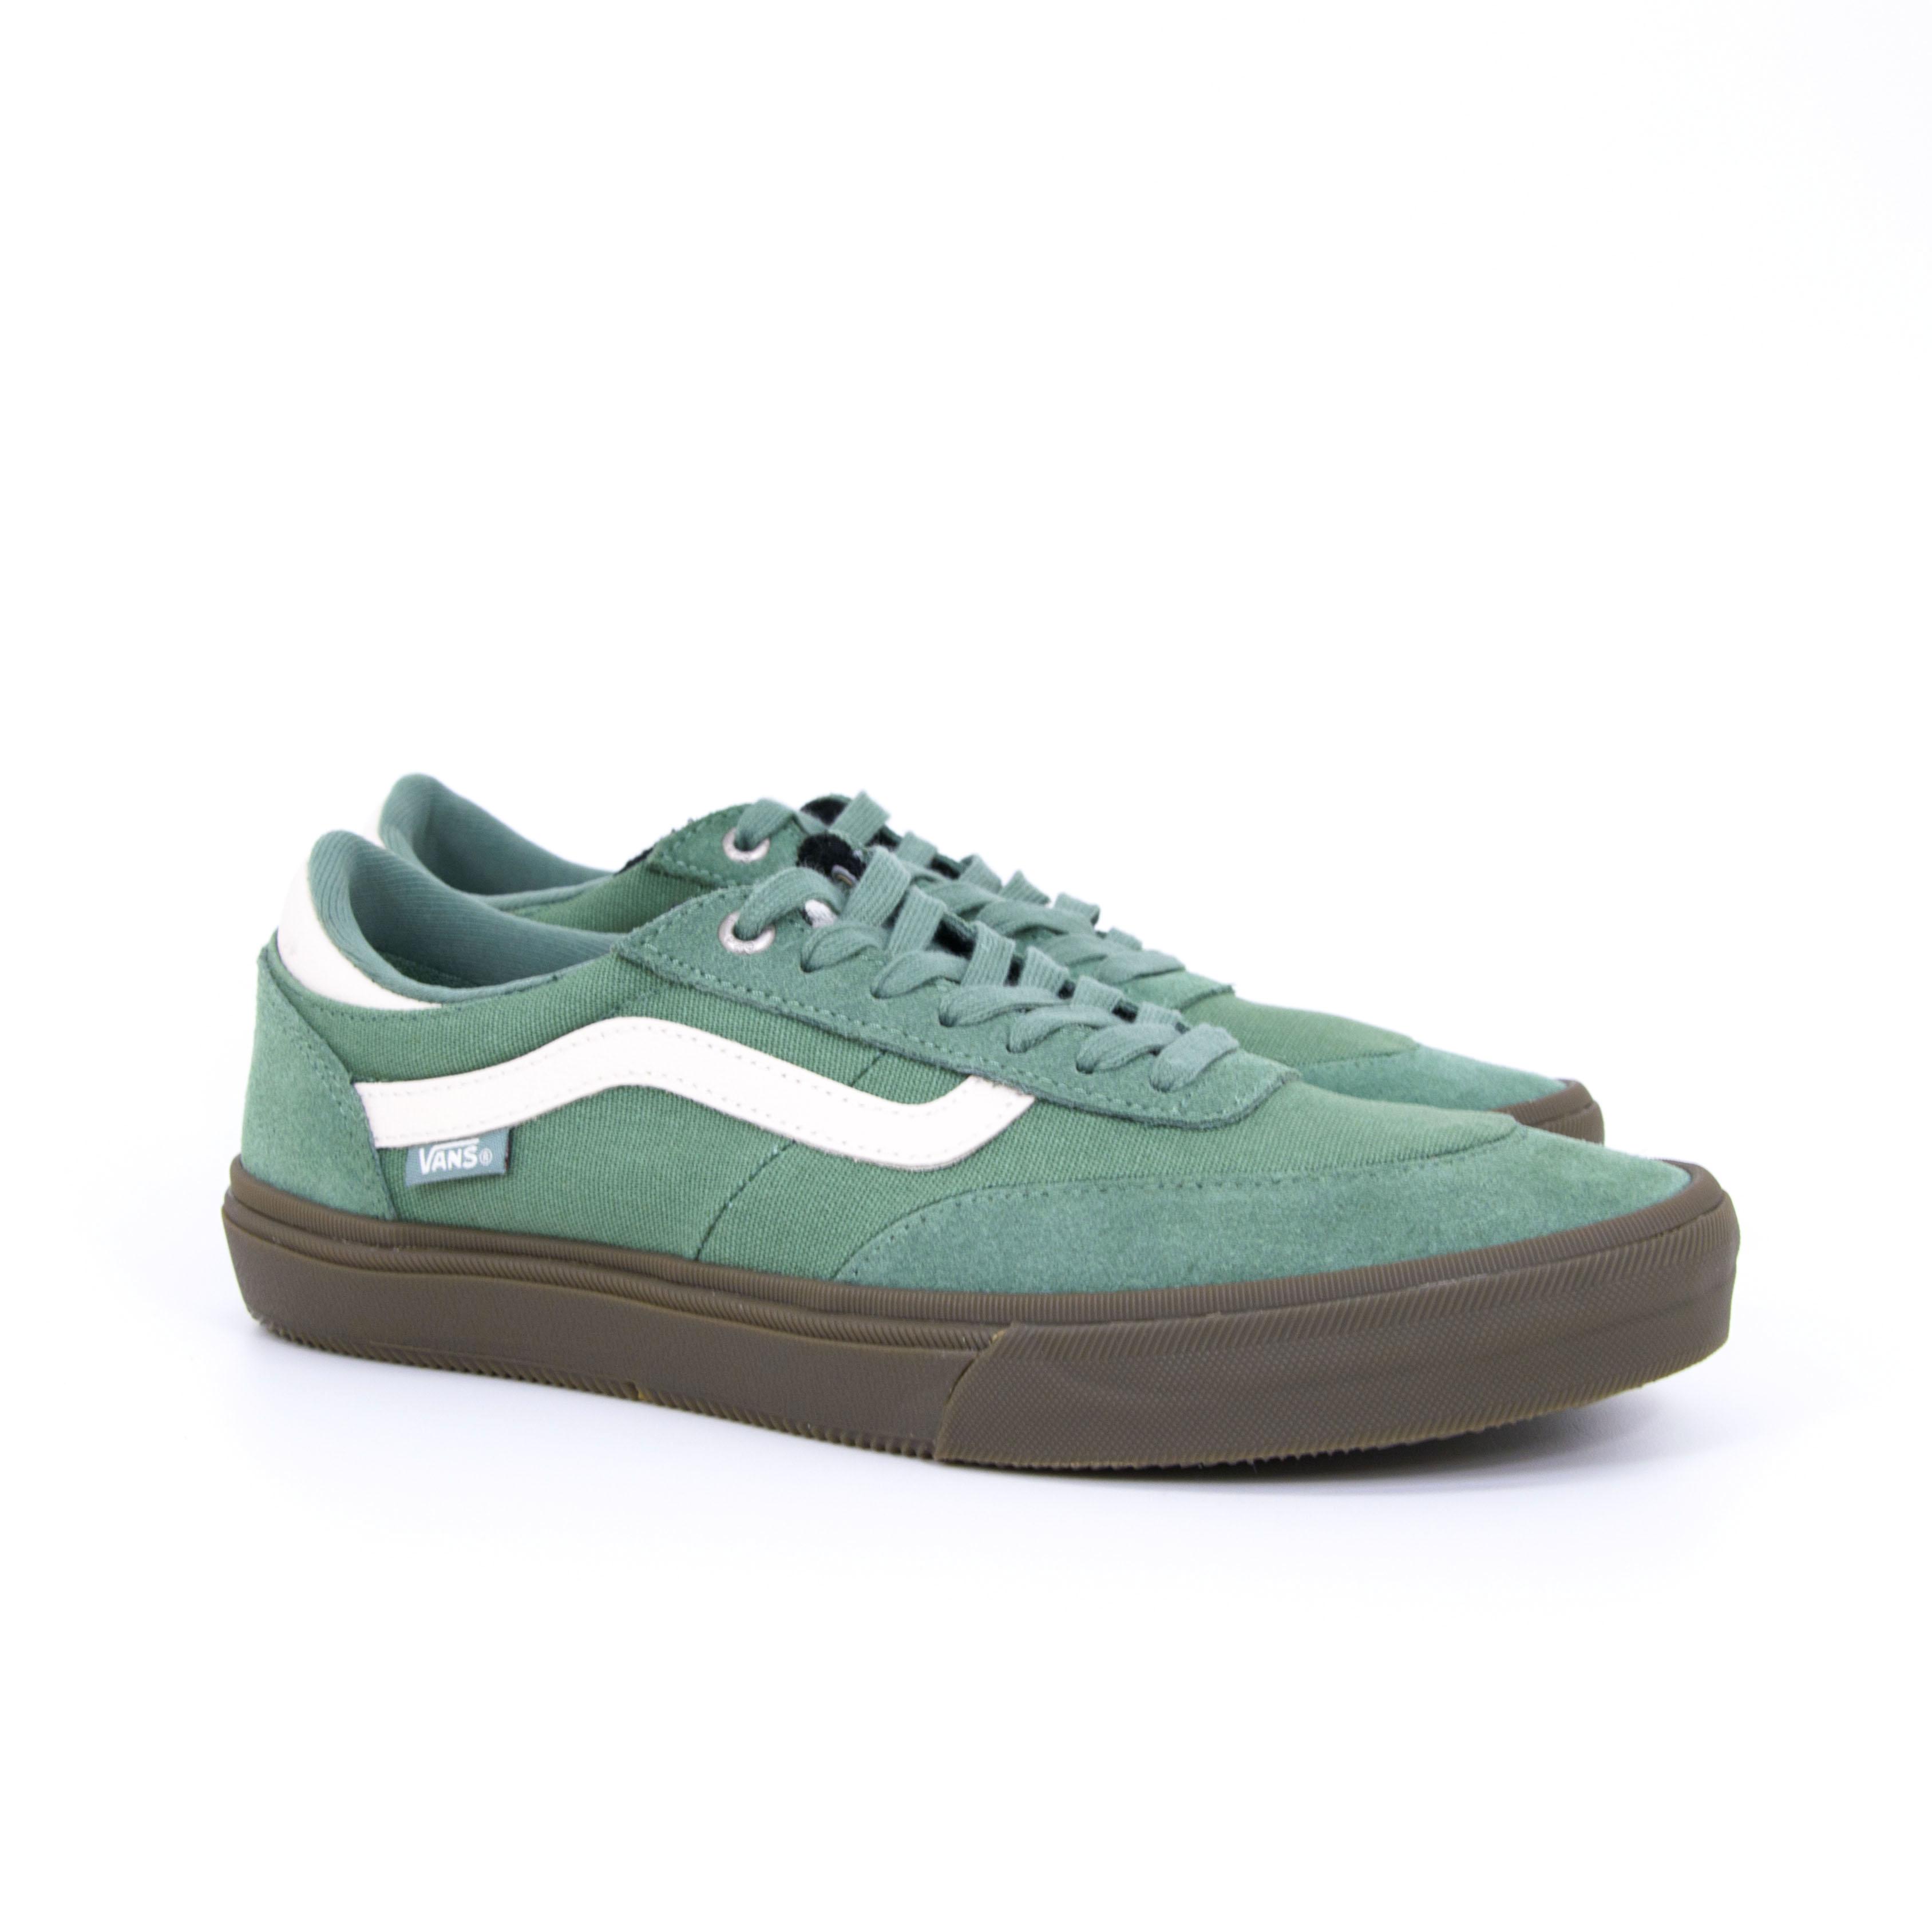 Vans - GILBERT CROCKETT - Dark Gum/Hedge Green